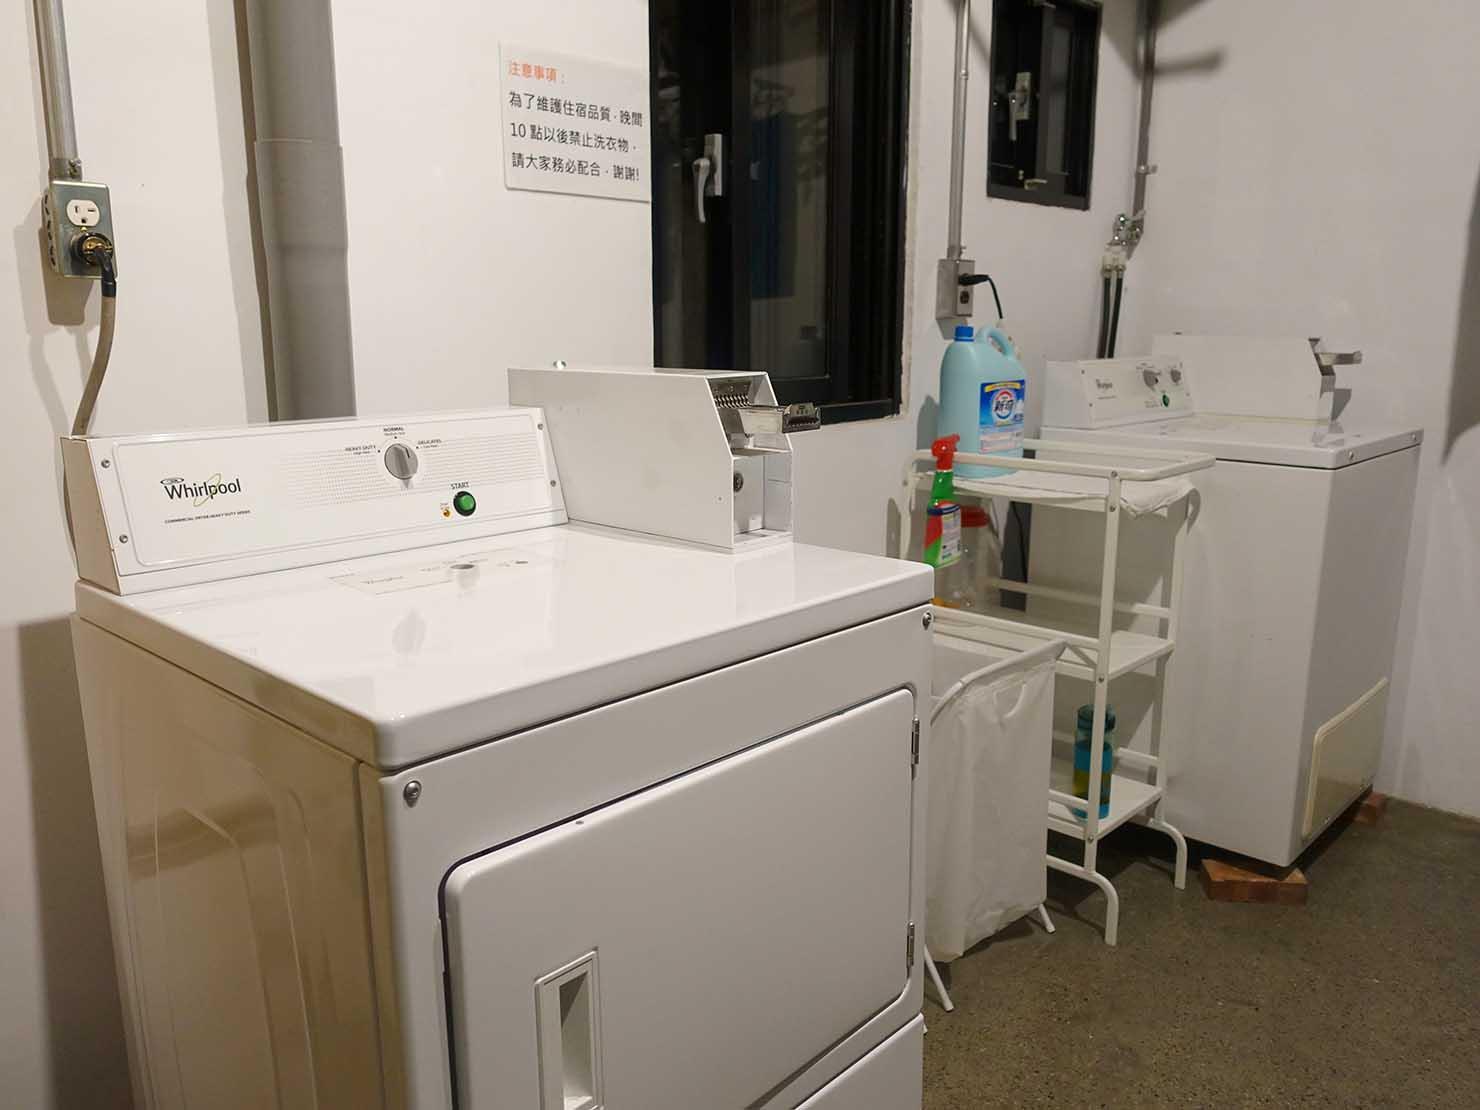 台中駅徒歩10分のリーズナブルなおすすめミニホテル「光原宿 Light House」の共用洗濯機